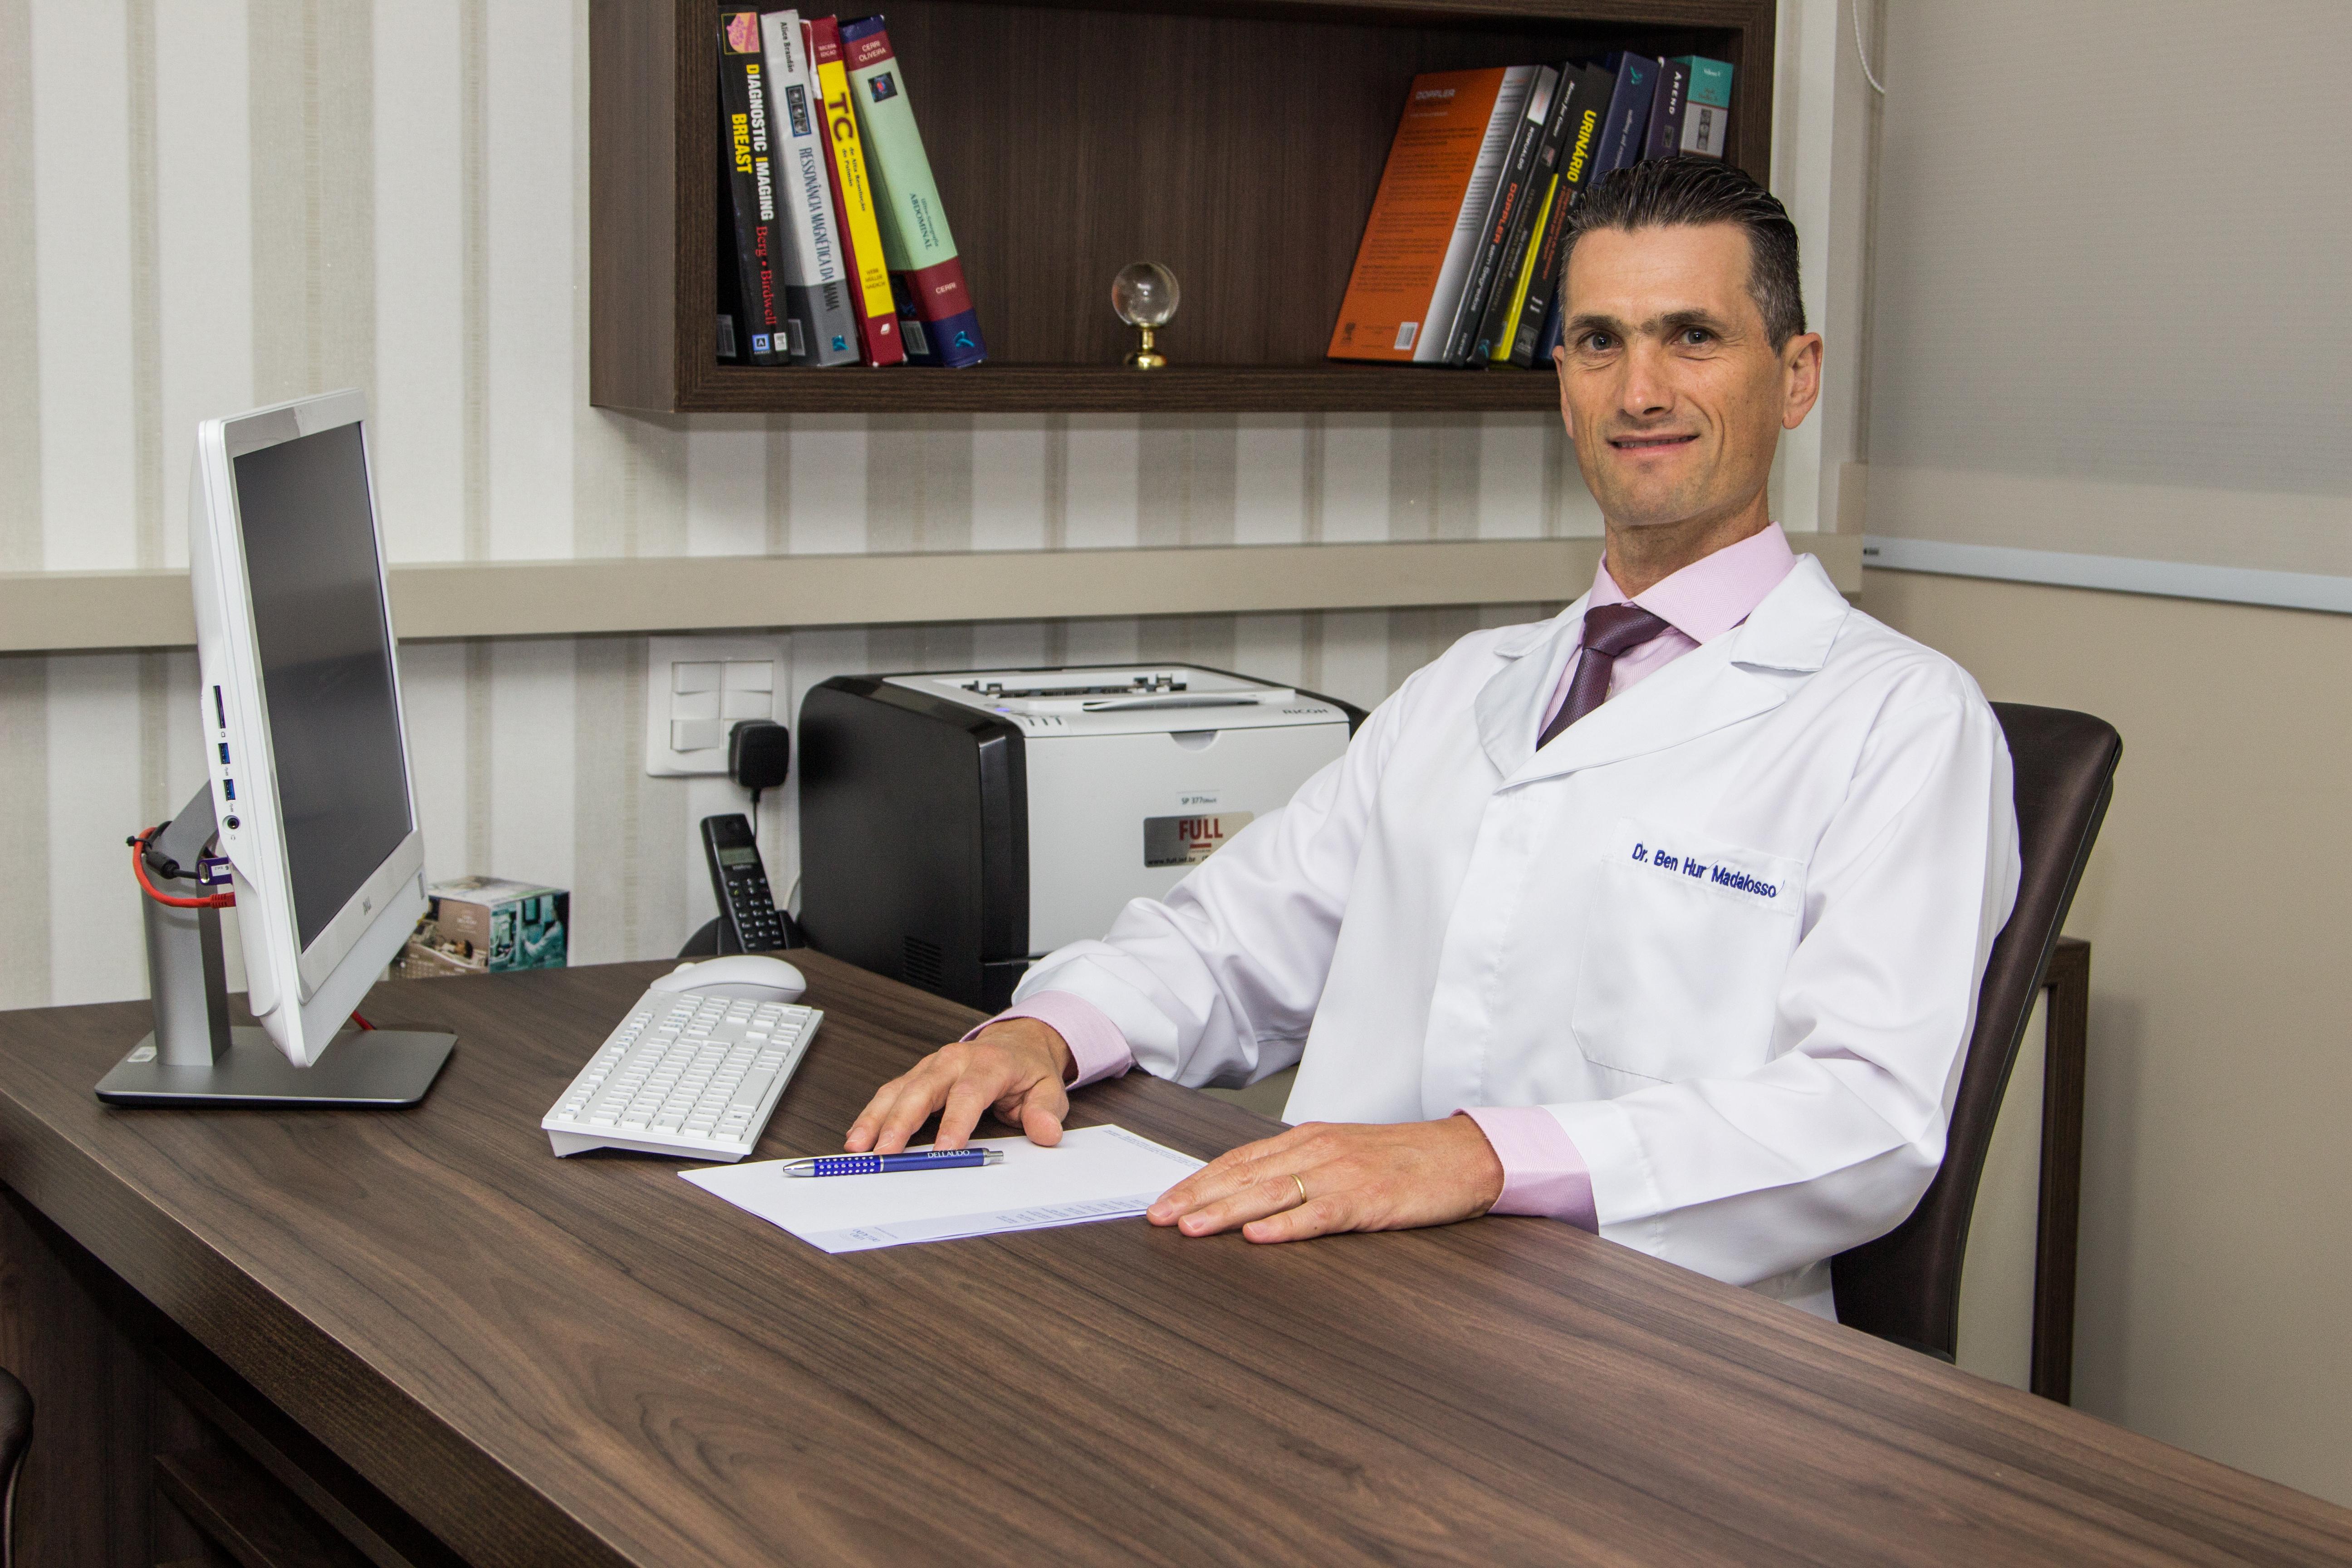 Equipe médica especializada